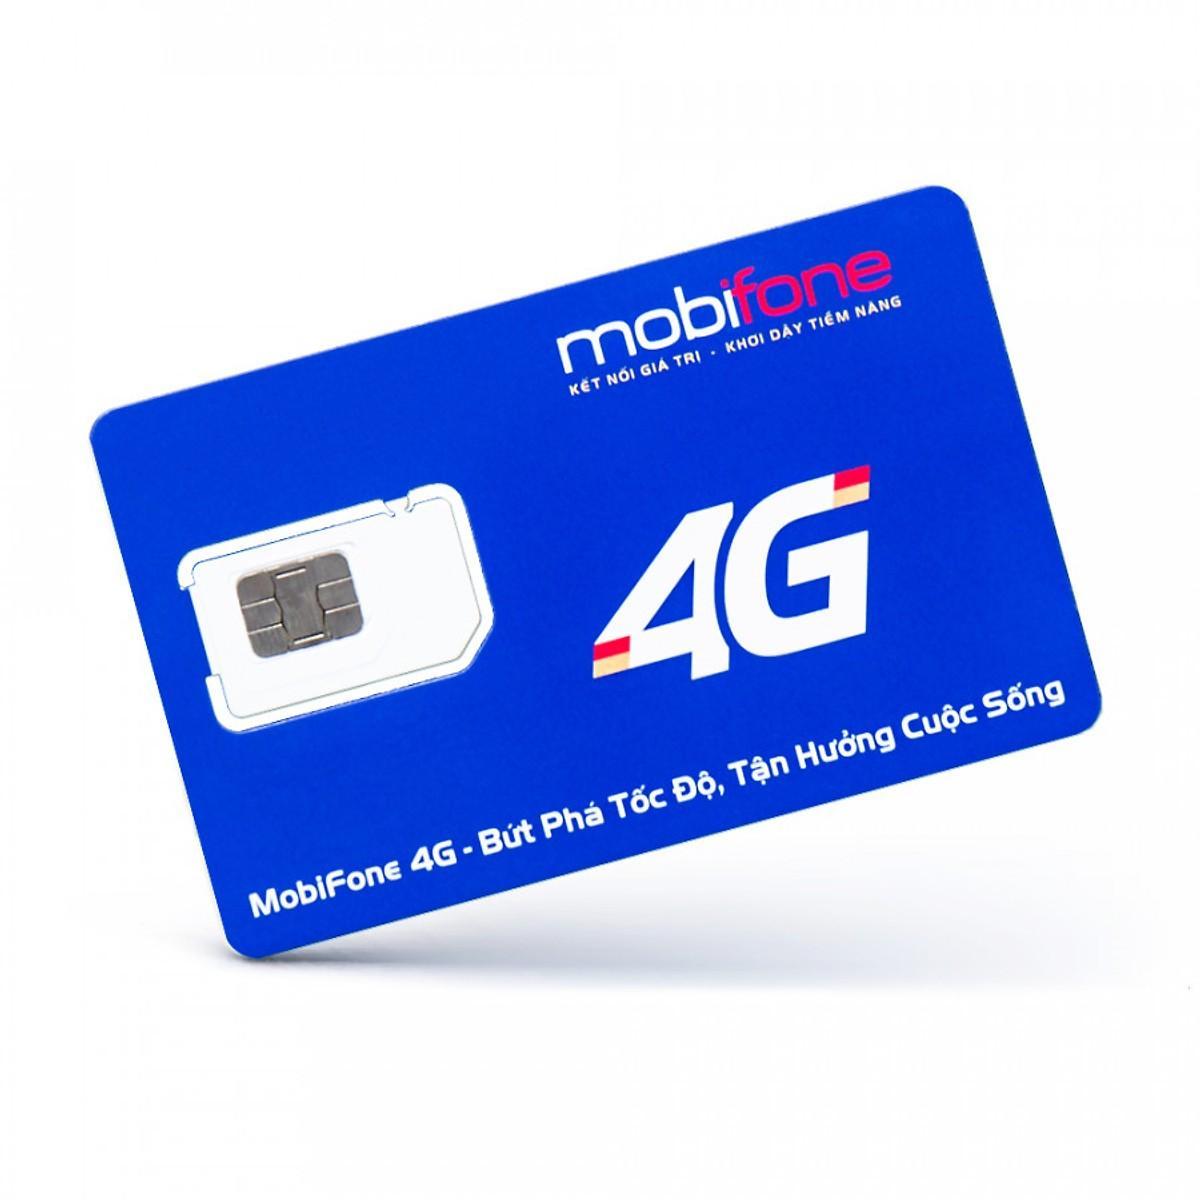 Giá Sim 4G 10 số Mobifone C90N Mỗi tháng Tặng 120GB +1000p nội mạng +50p ngoại mạng.Chỉ với 90k/tháng